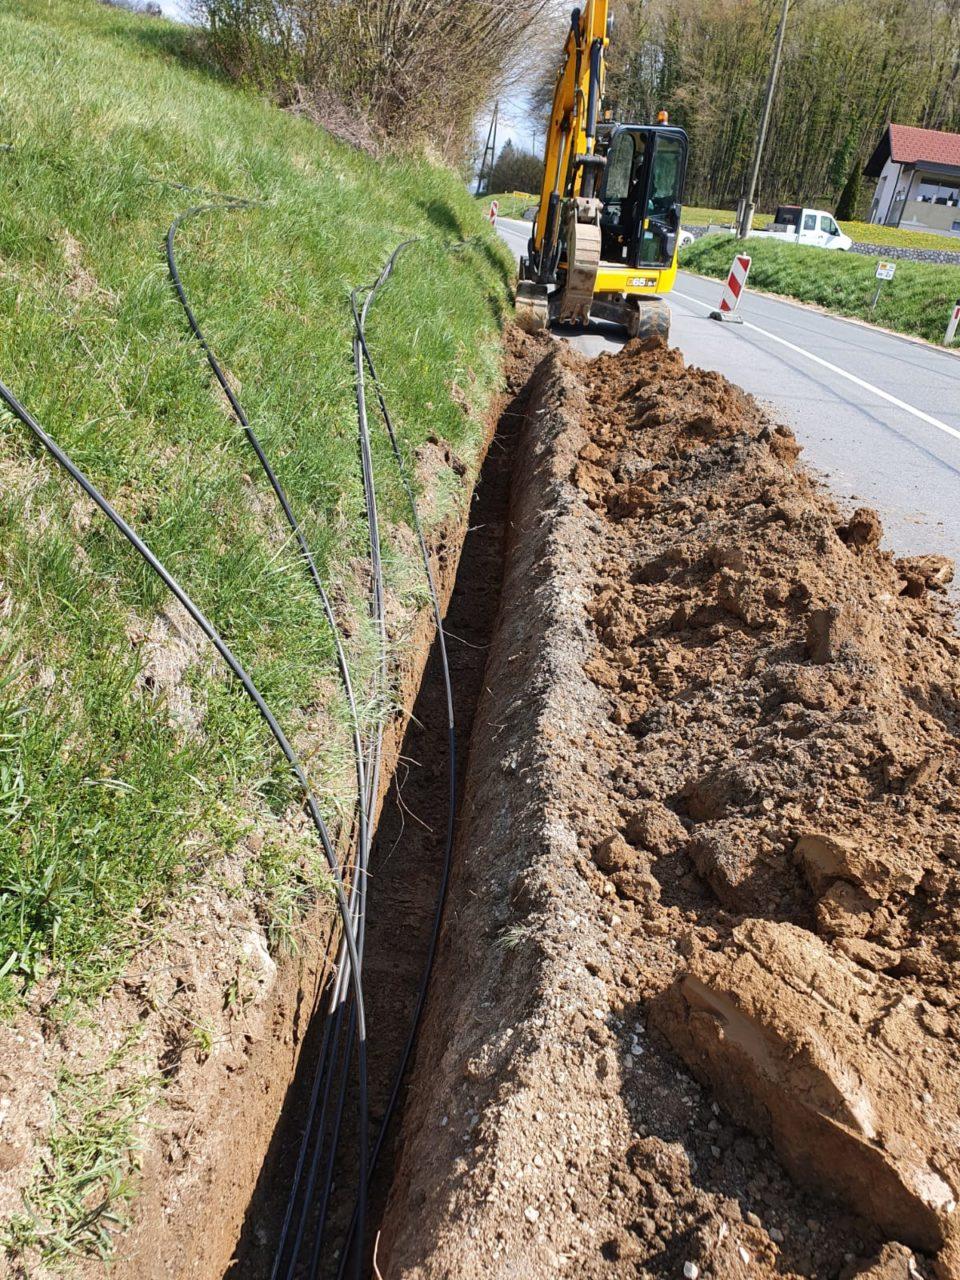 Gradnja omrežja v Artviži vasi v občini Ivančna Gorica.